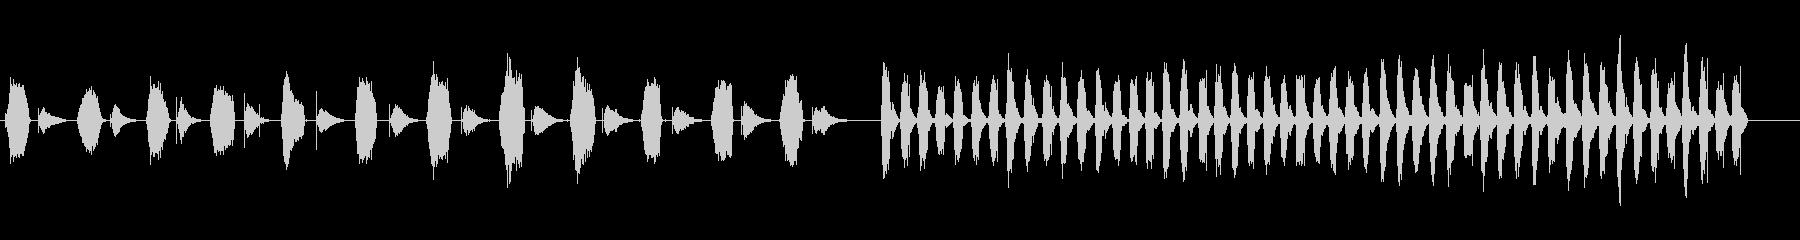 空気、遅いレギュレーター_レギュレ...の未再生の波形